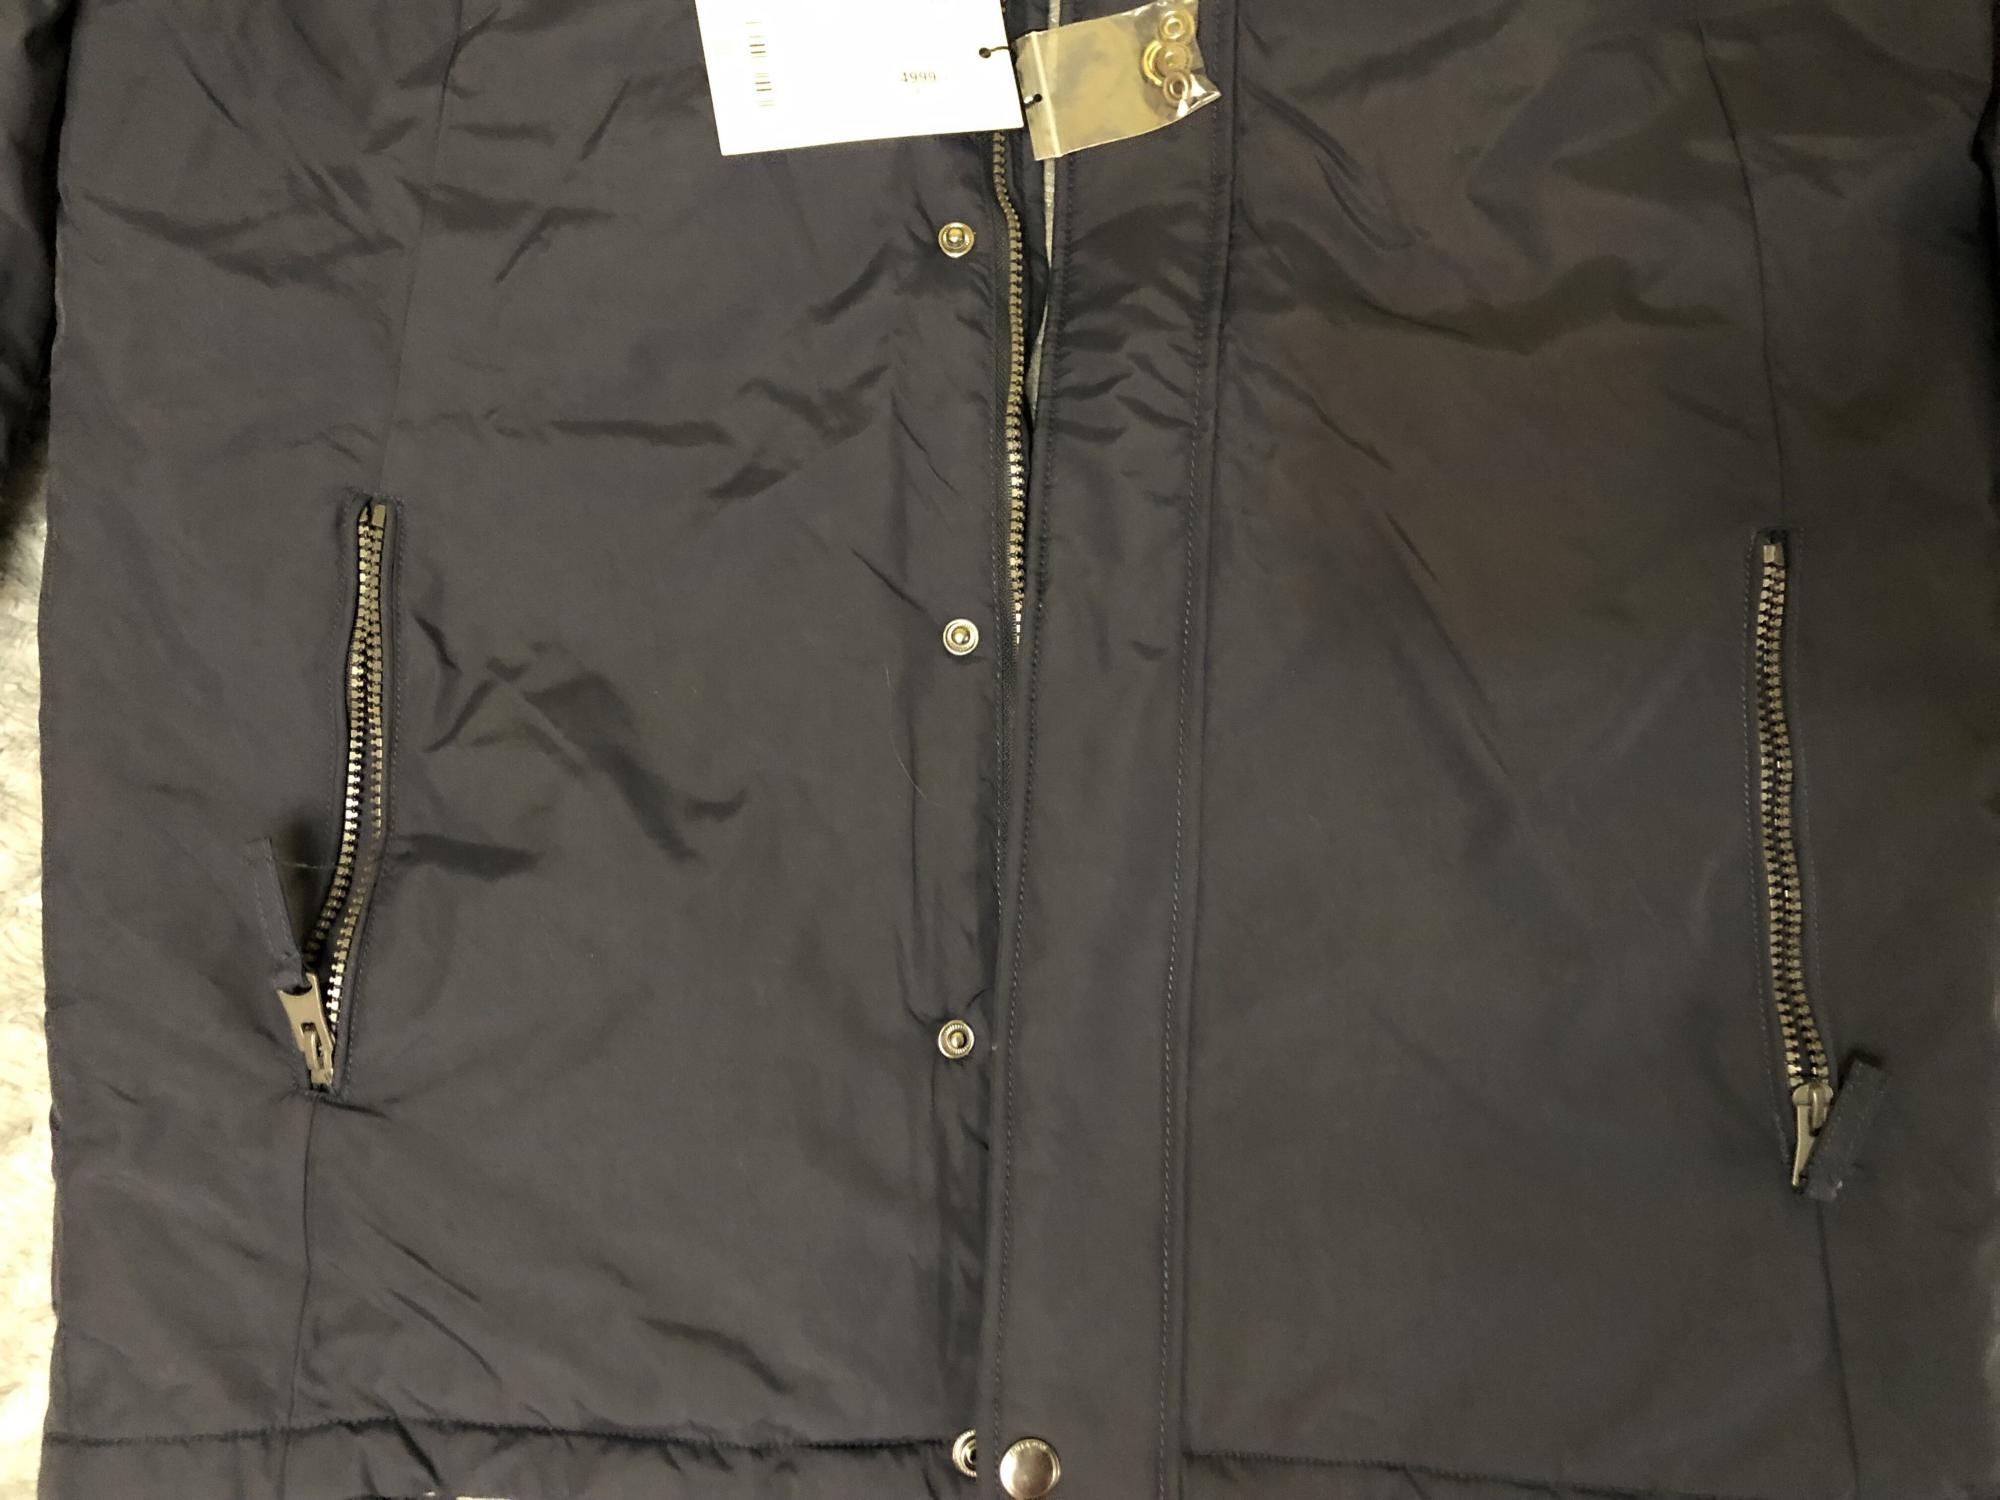 Мужская куртка Zolla, с капюшоном в Москве 89256096656 купить 4